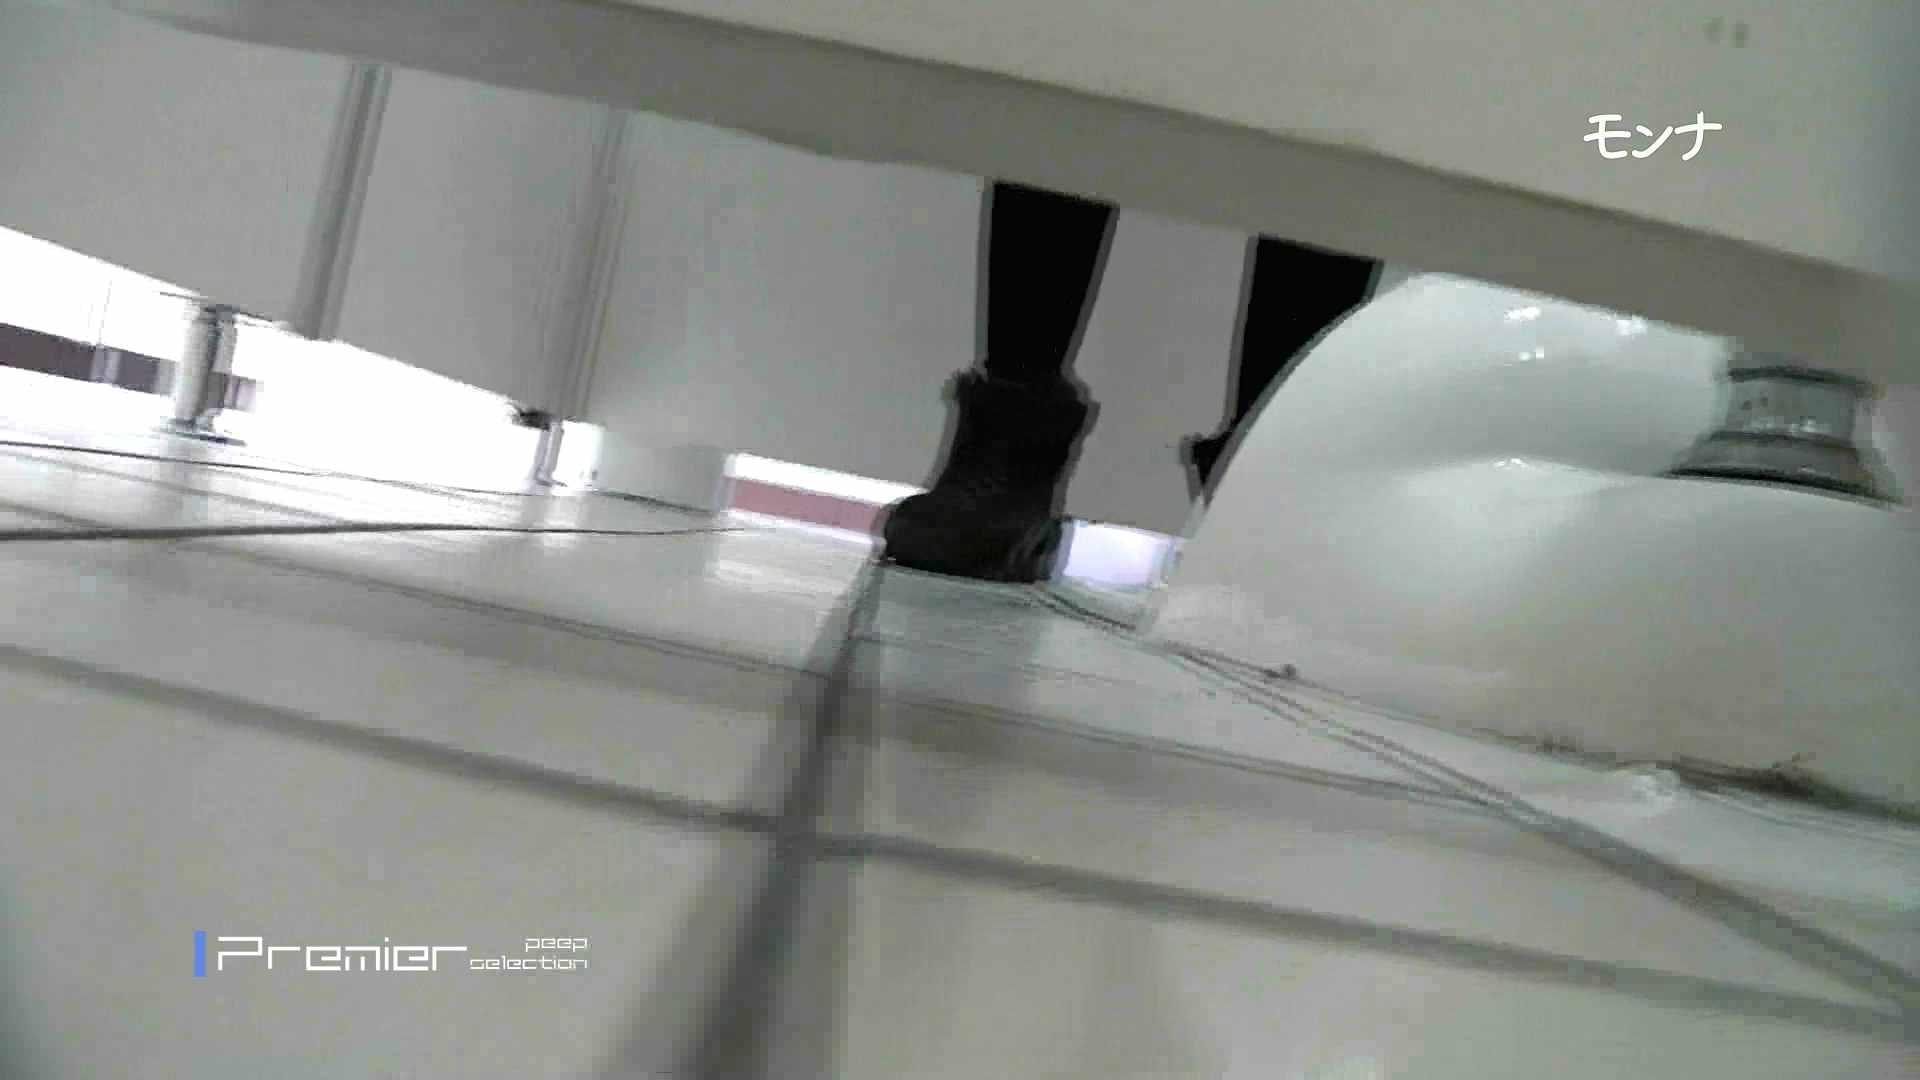 遂に!!戸田恵梨香似の予告モデル登場ダッシュで「大」 むっちりガール AV動画キャプチャ 84枚 9